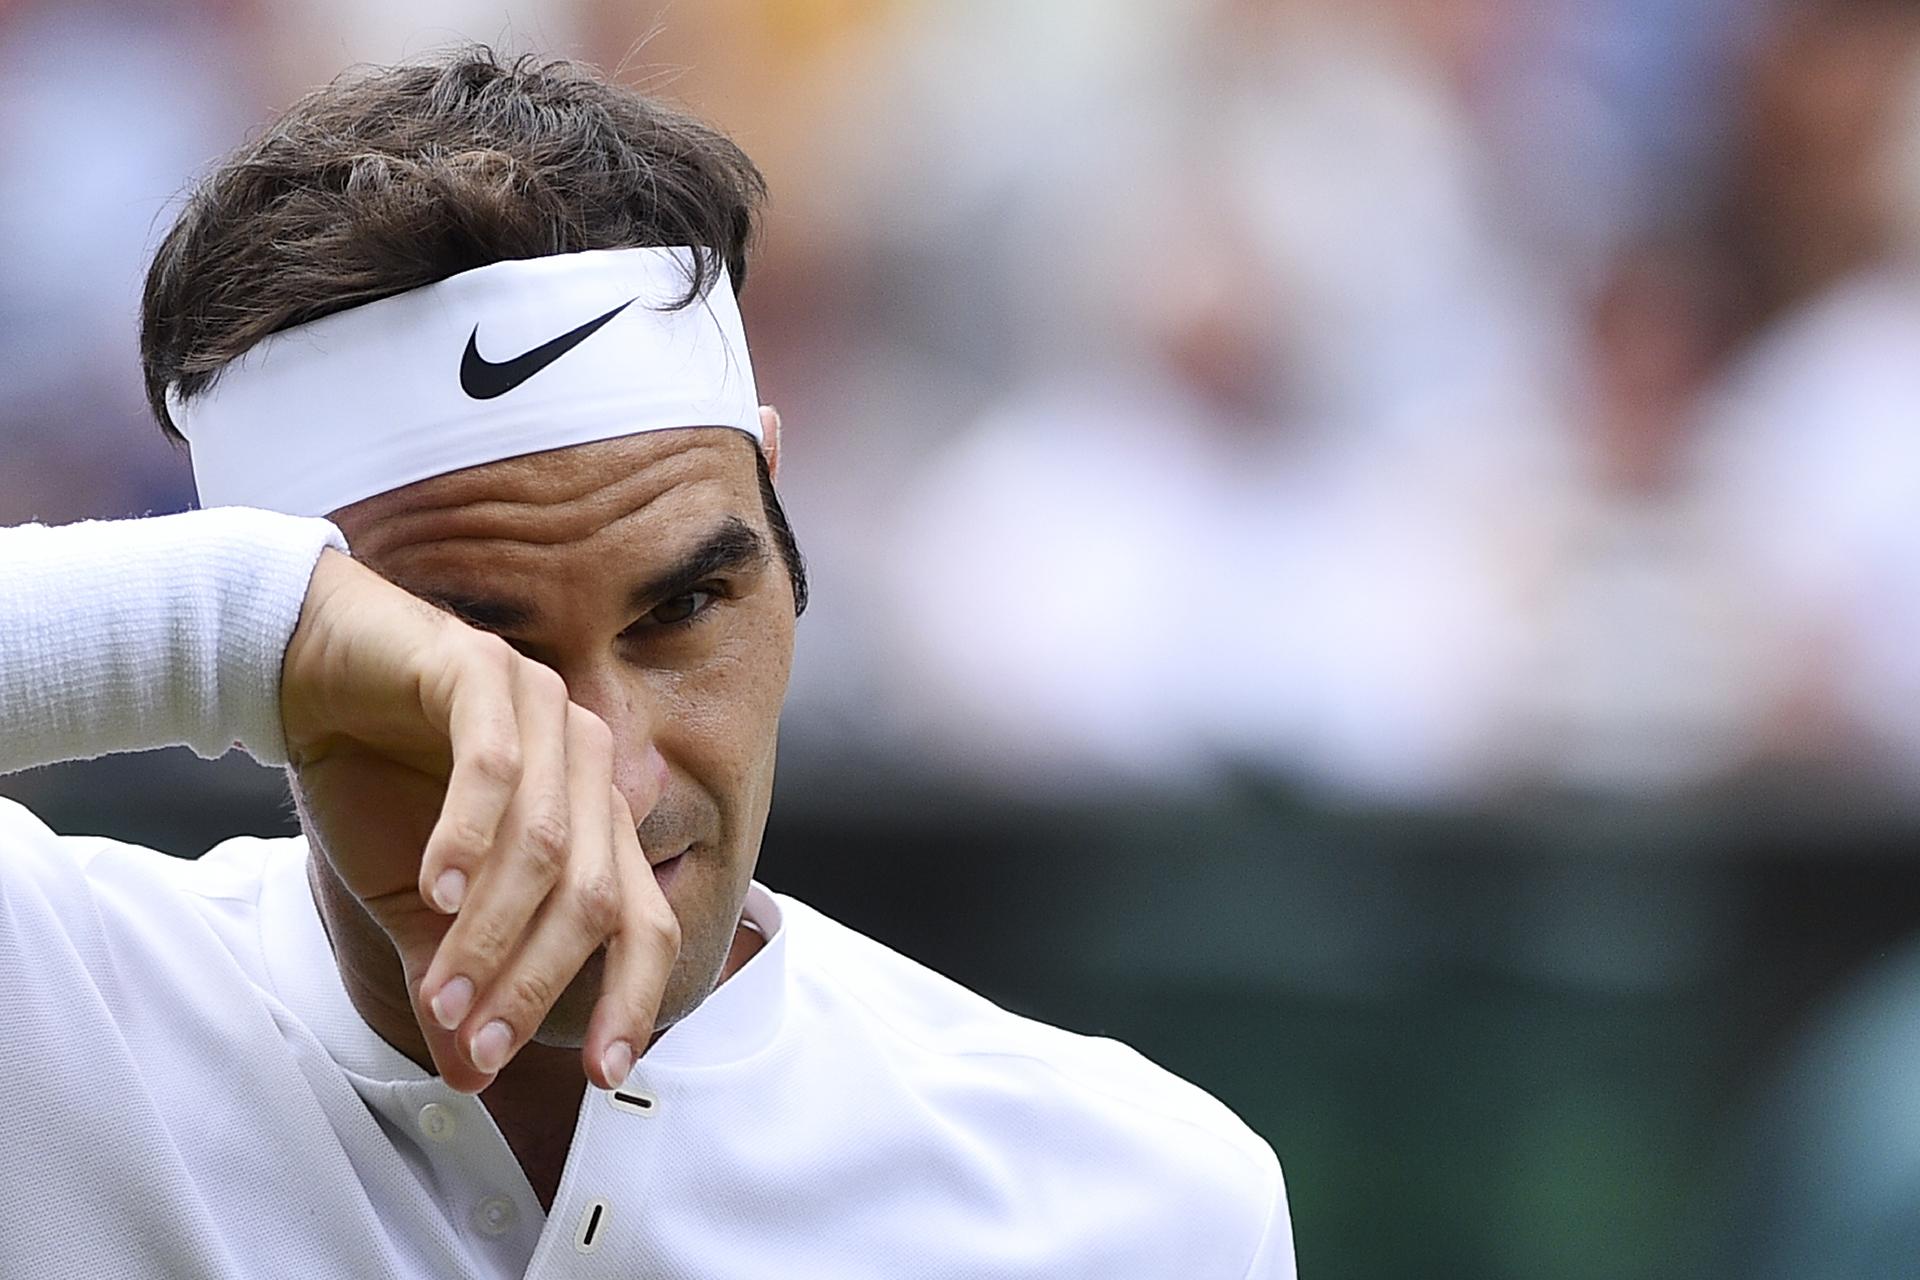 Casí sin despeinarse, Federer logró rápidamente imponer su jerarquía